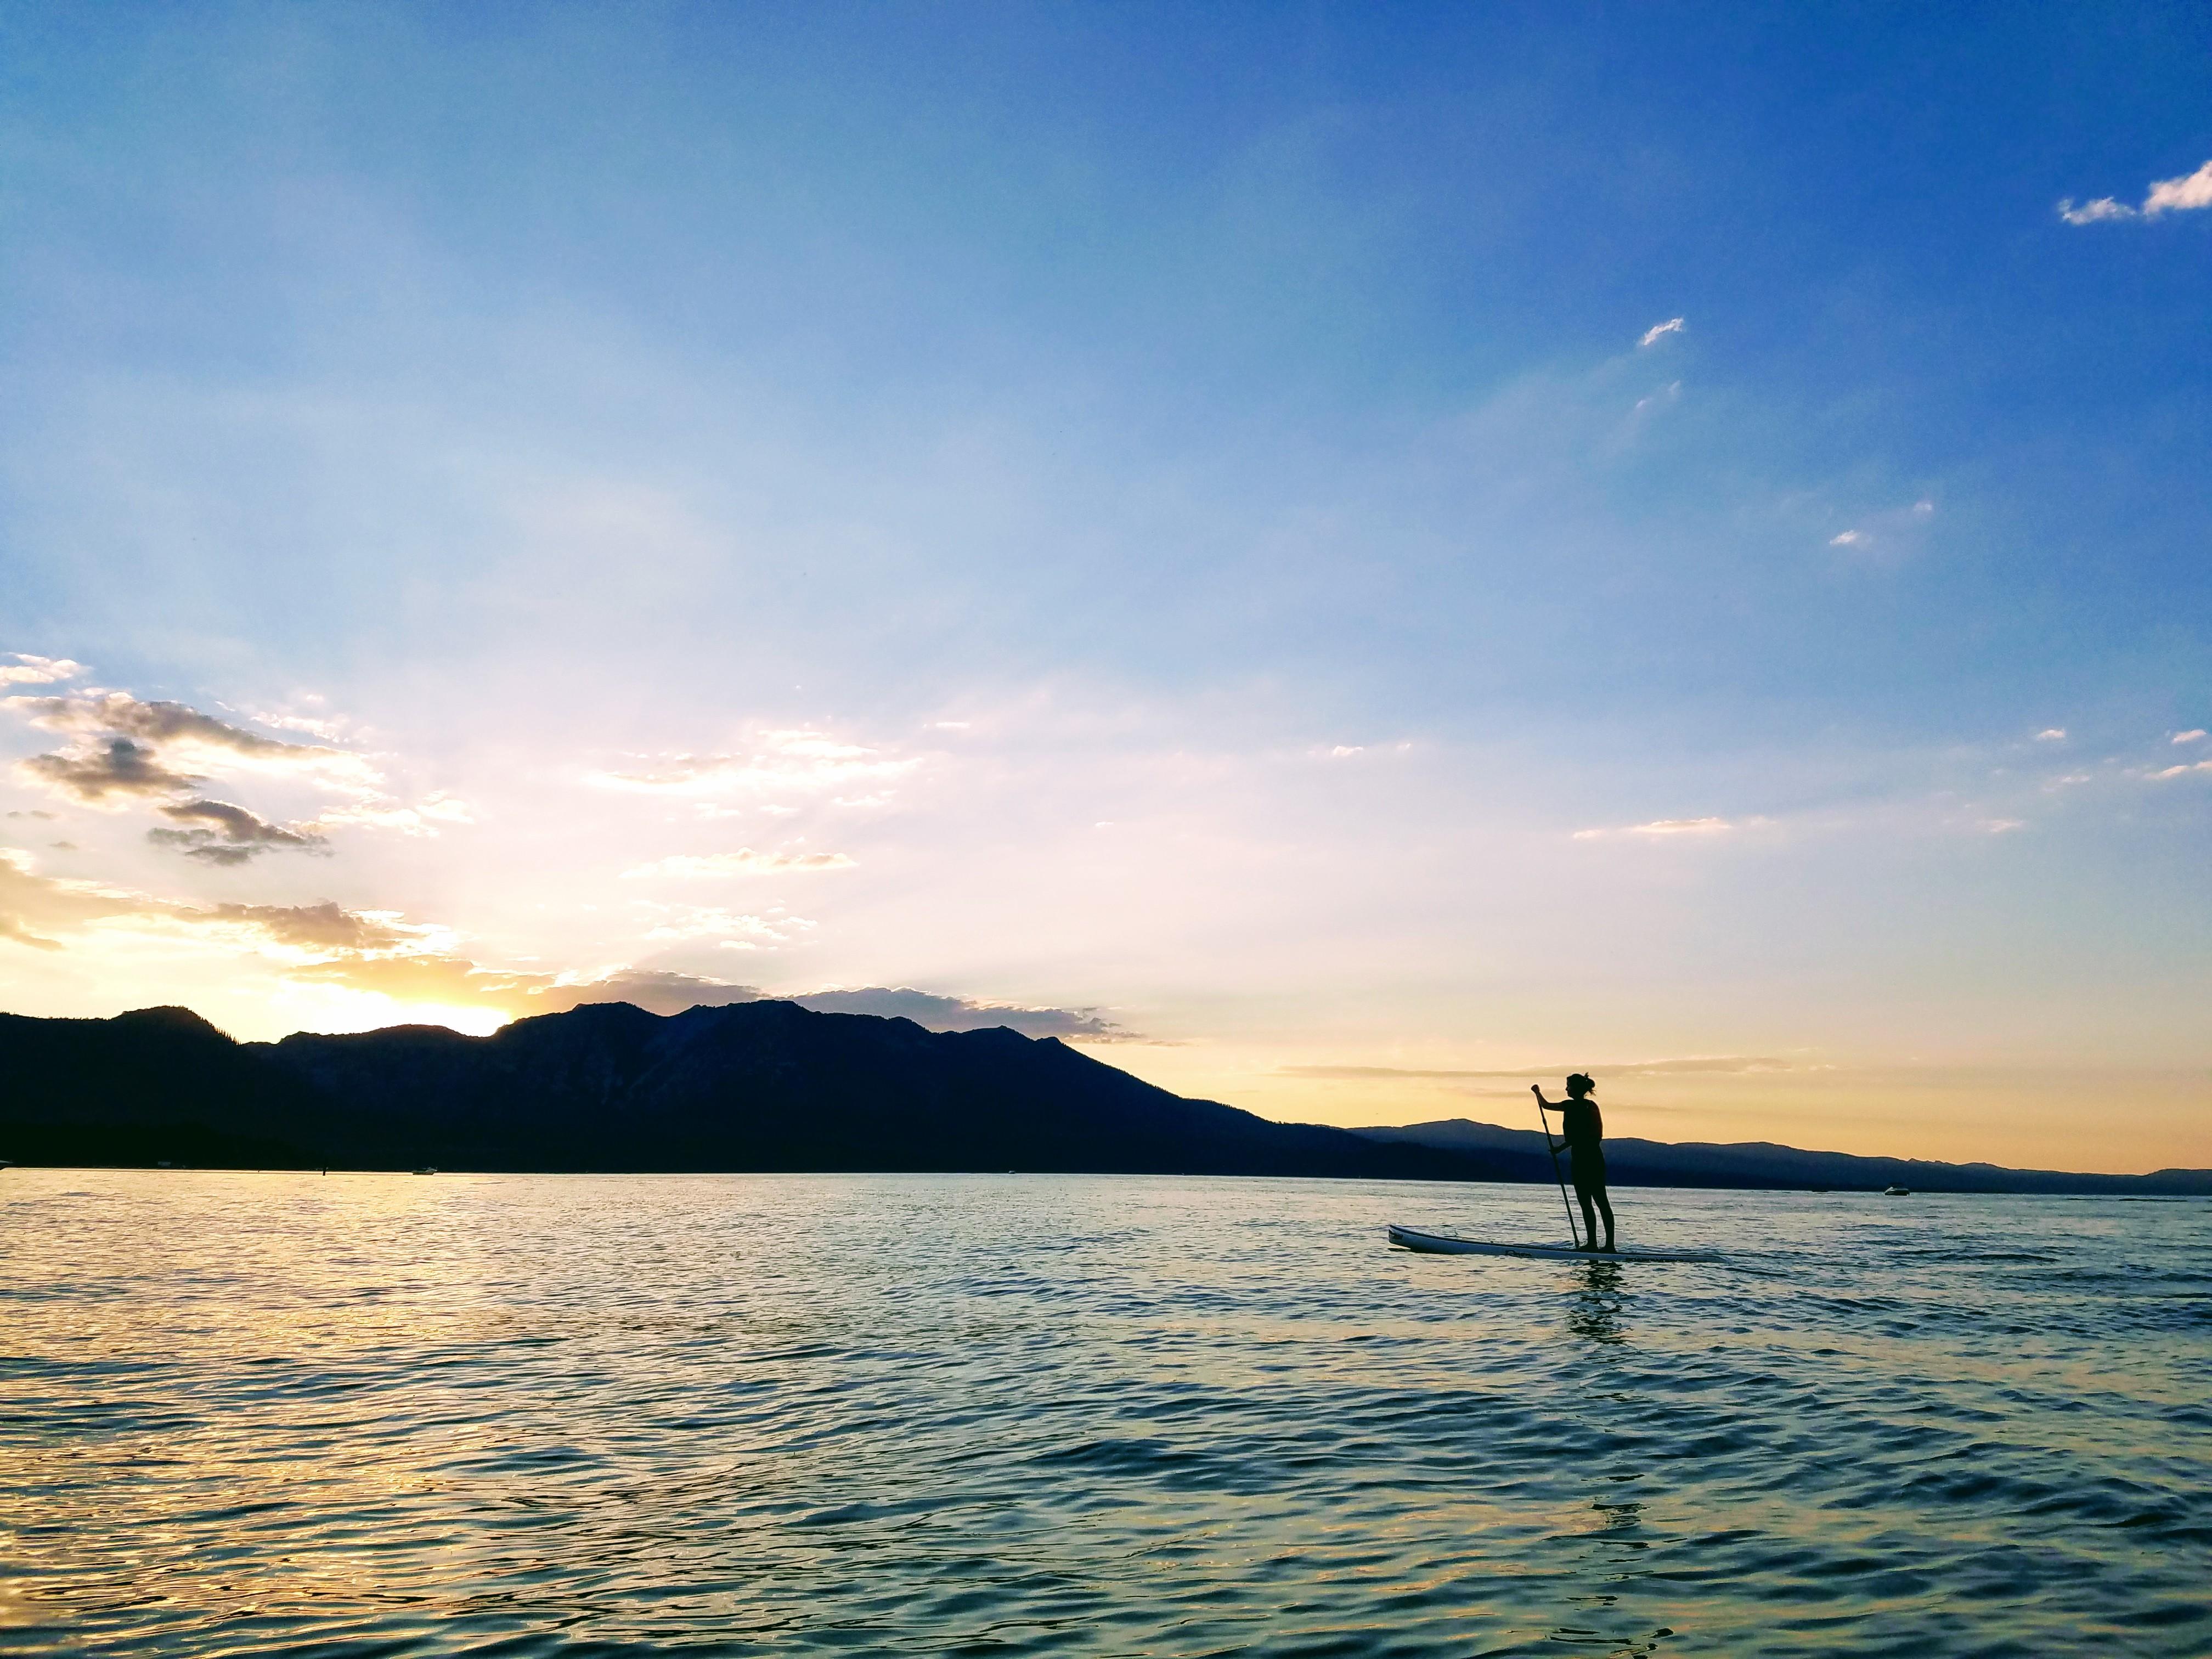 Lake Tahoe Paddle Board